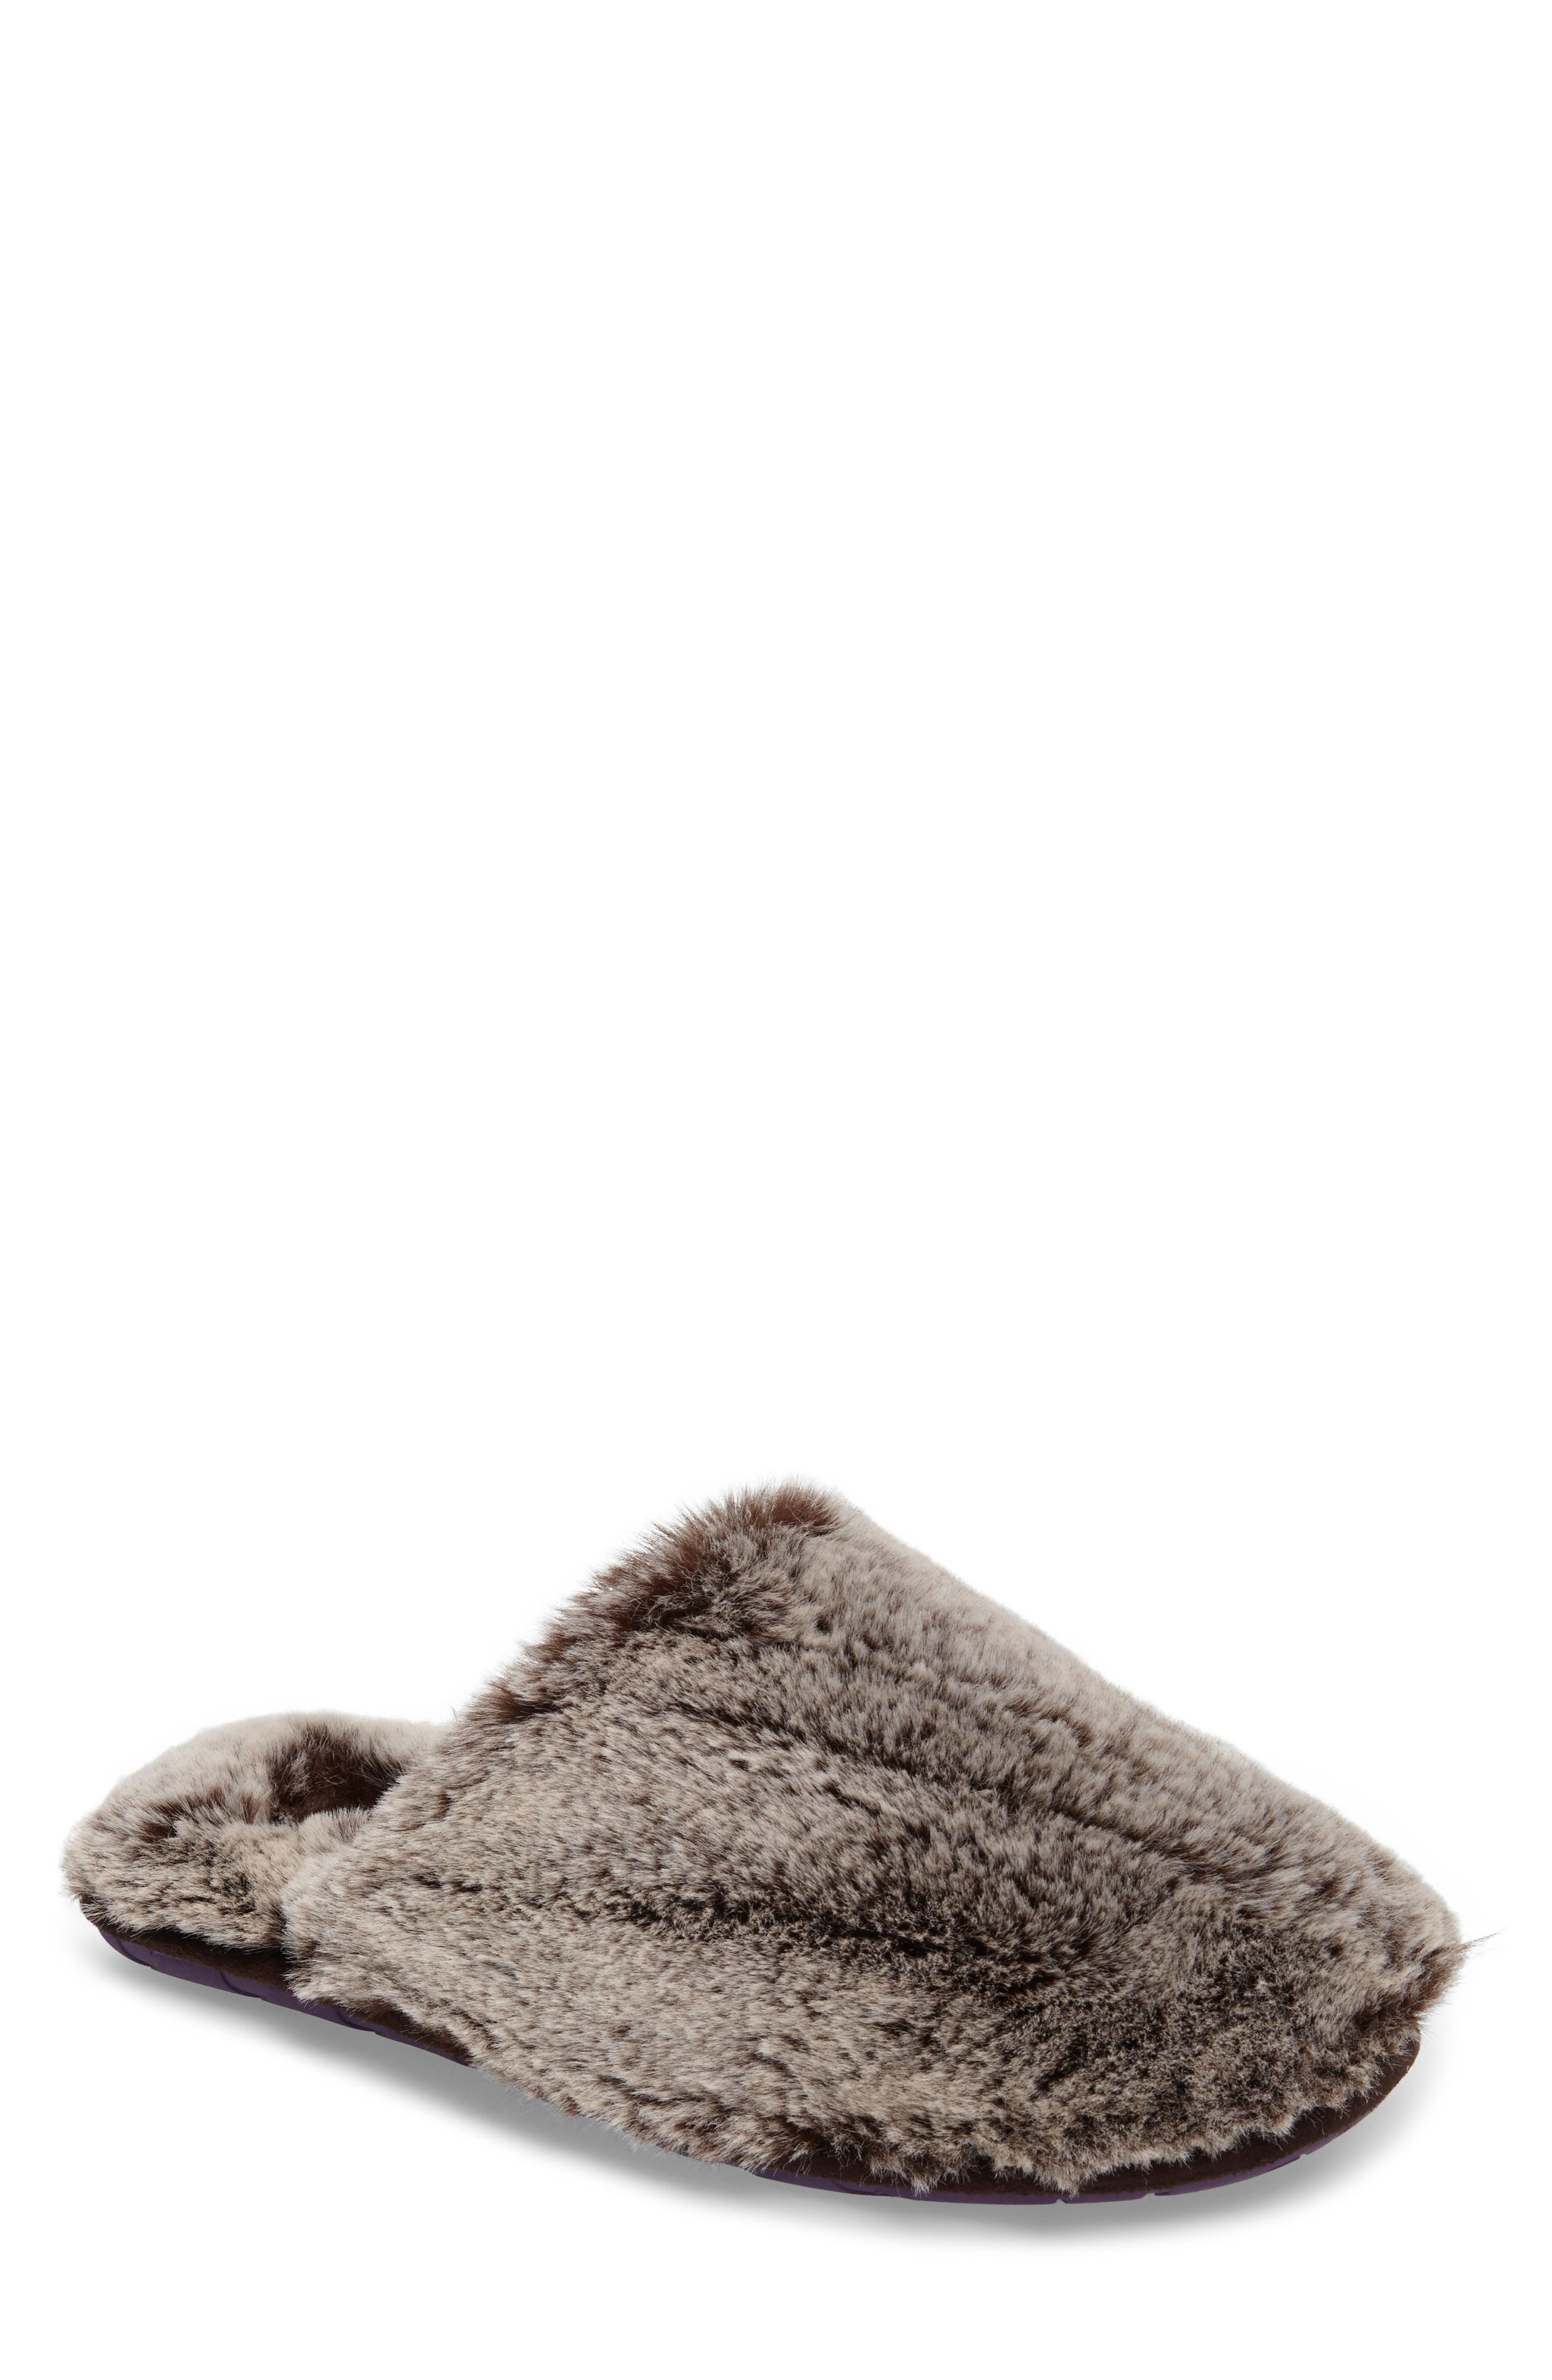 TED BAKER LONDON Nnyah Faux Fur Scuff Slipper